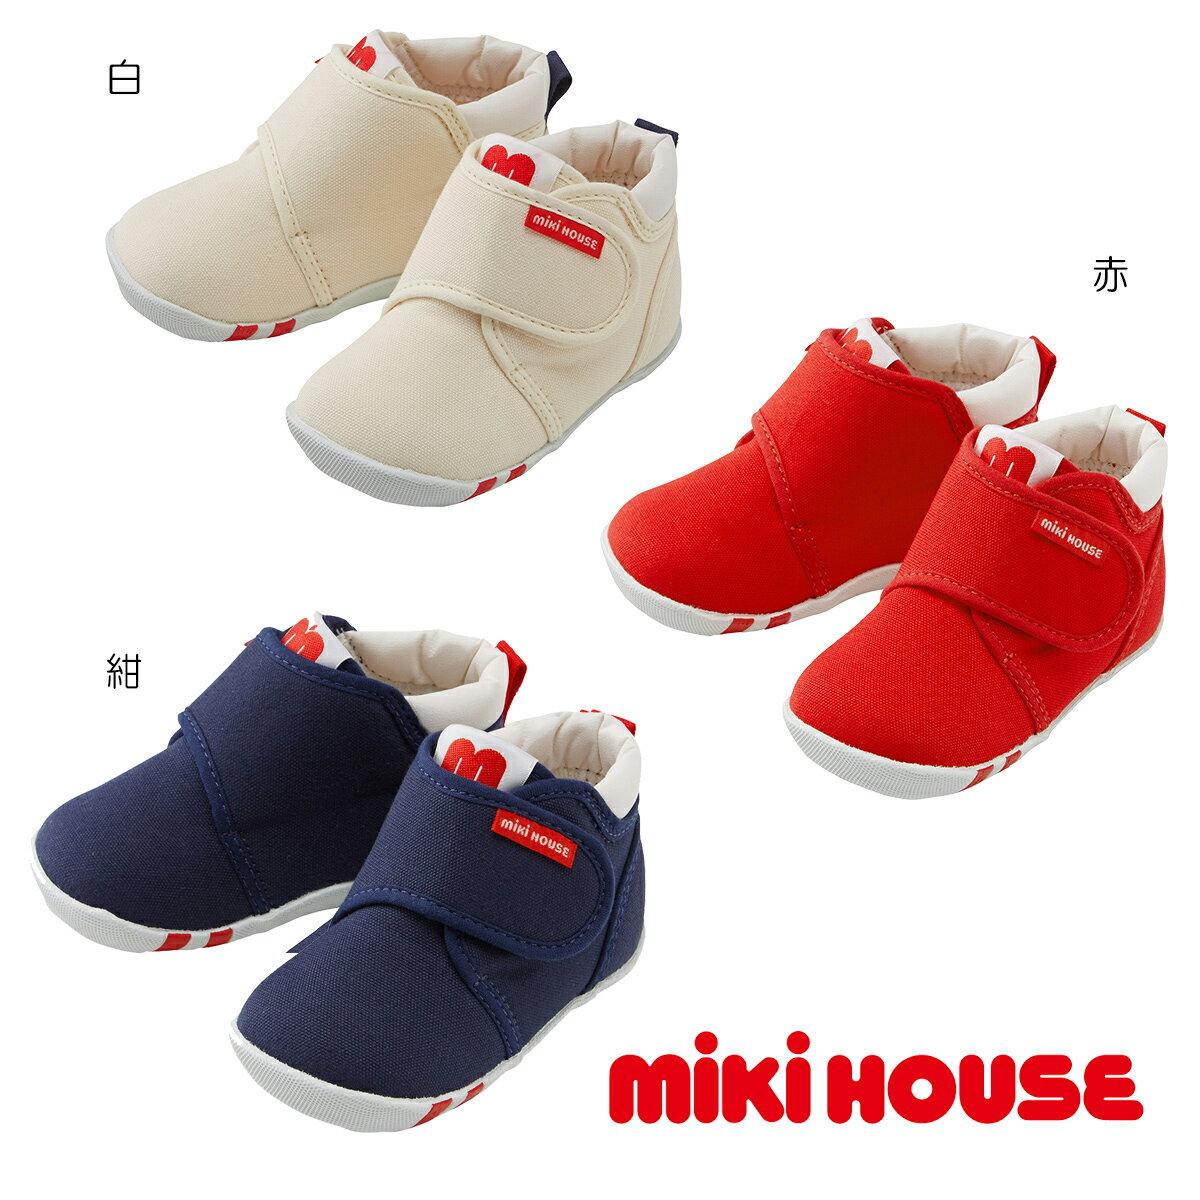 【メール便不可】【MIKIHOUSE ミキハウス】キャンバス素材のファーストベビーシューズ(12cm-13.5cm)【出産祝い・ギフトに】靴